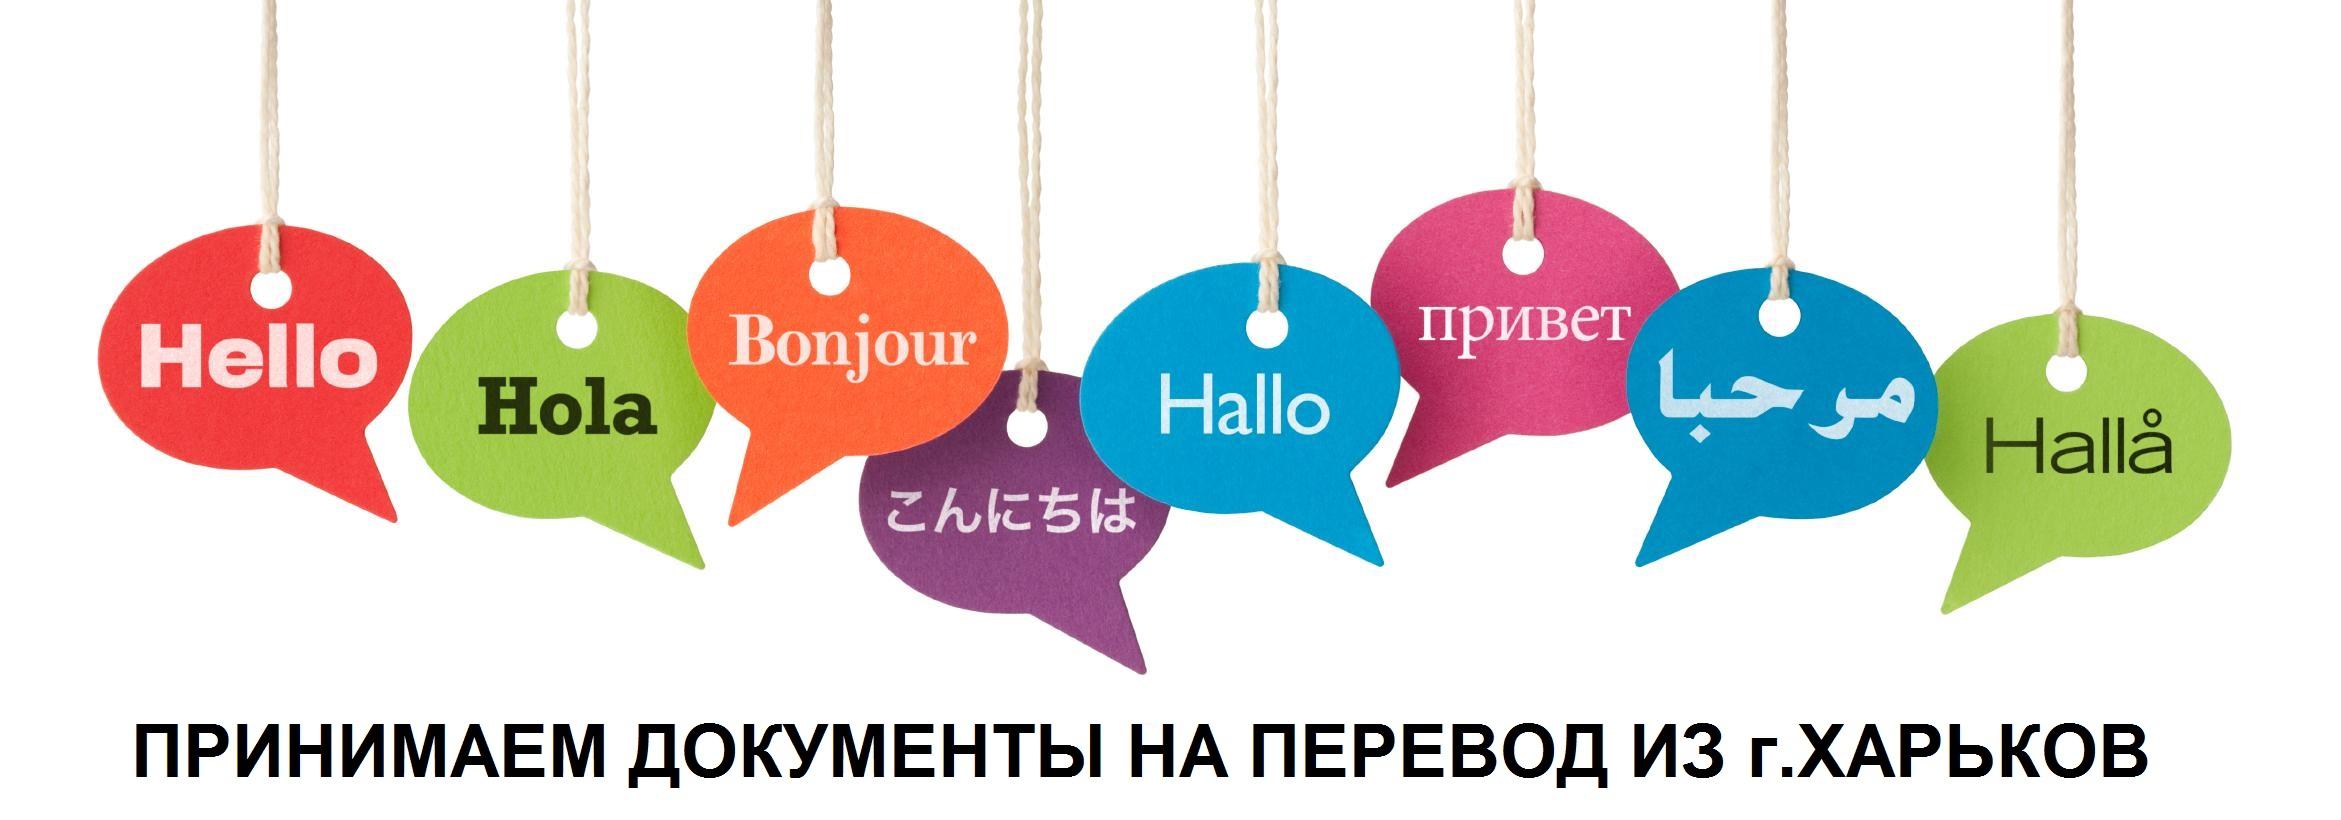 ПРИНИМАЕМ ДОКУМЕНТЫ НА ПЕРЕВОД ИЗ г.ХАРЬКОВ - SpravkaInform.com.ua